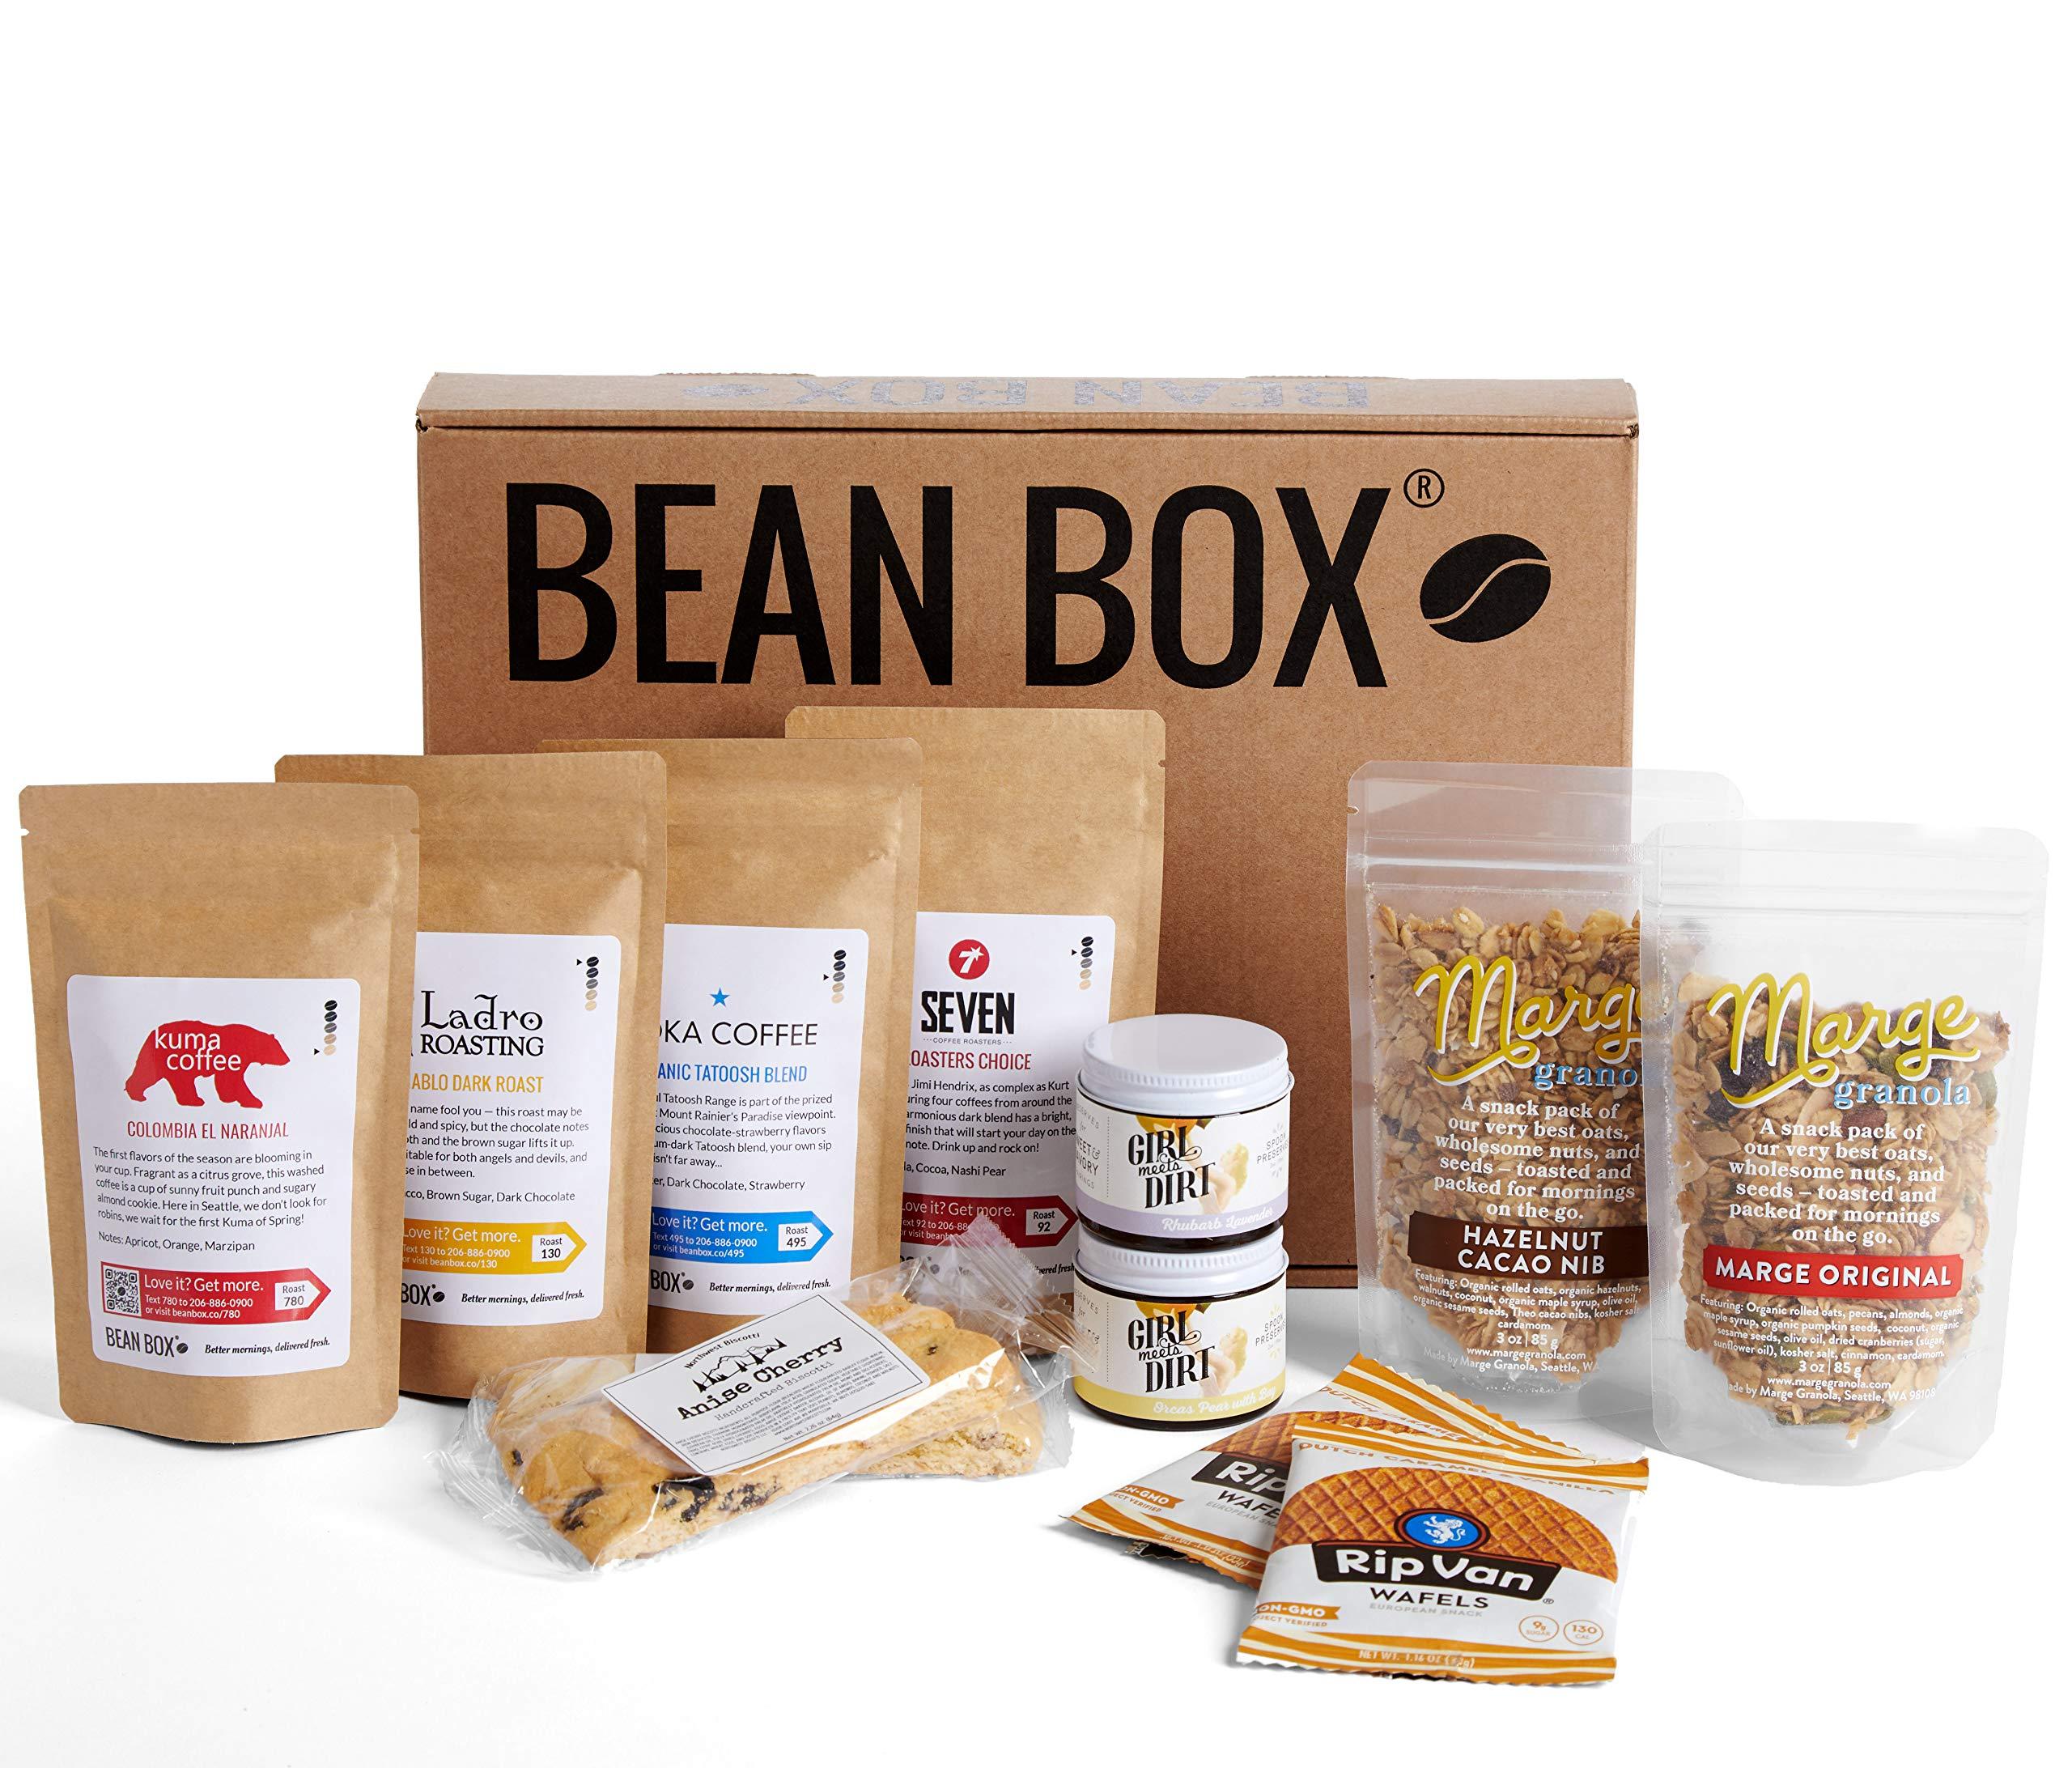 Bean Box - Good Morning Coffee Gift Box by Bean Box